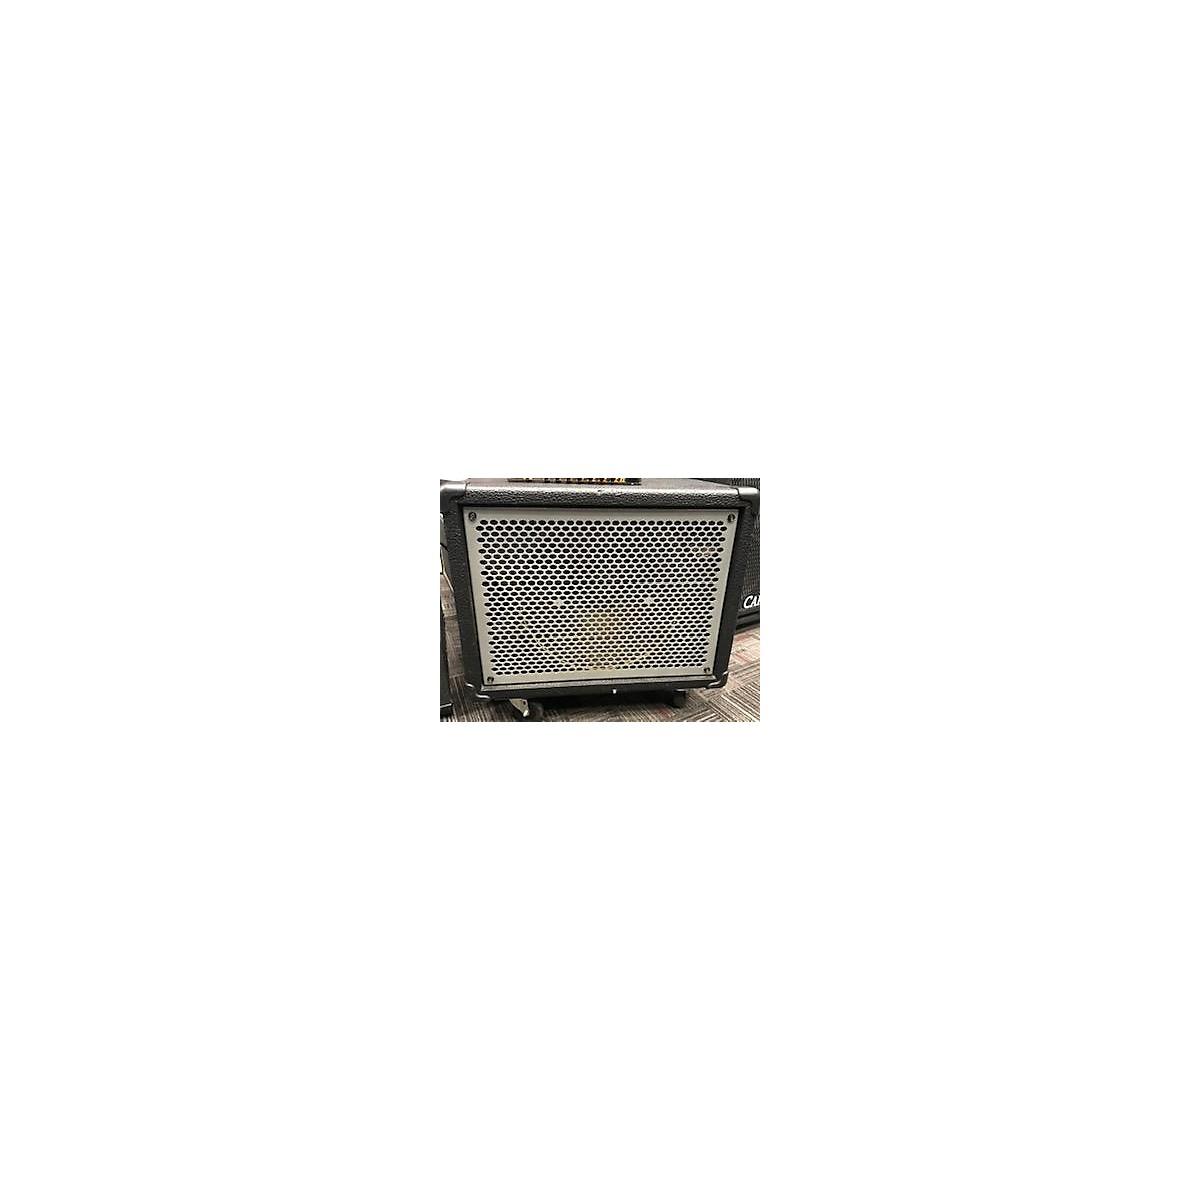 Mesa Boogie Powerhouse 1x15 400w 8Ohm Bass Cabinet